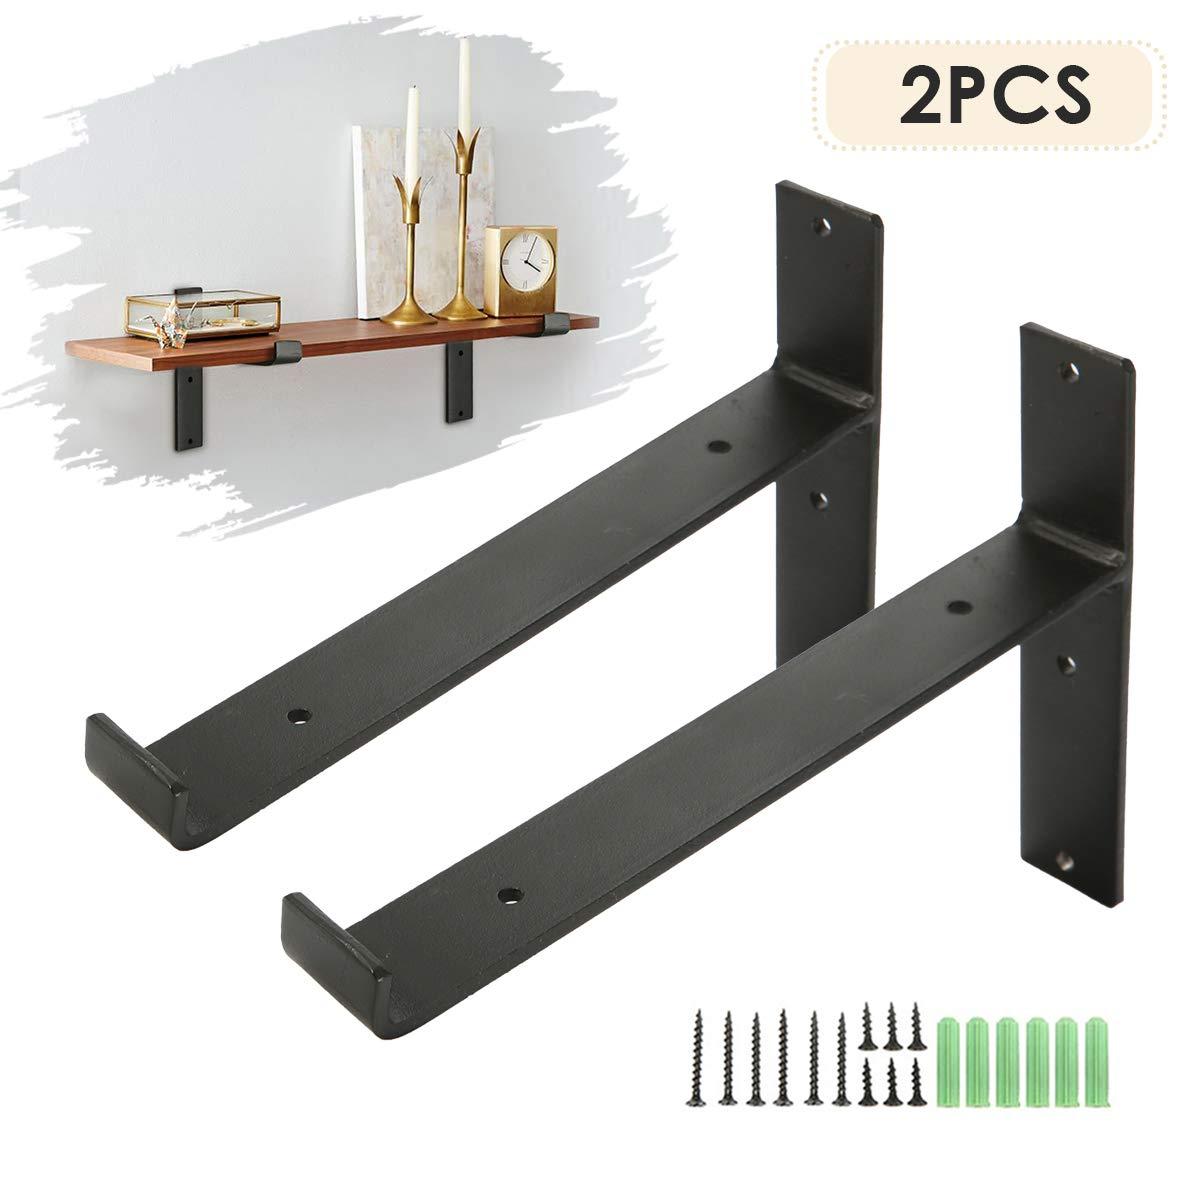 Miraculous King Do Way T Brackets Heavy Duty For Scaffold Board Wooden Board Angle Corner Brace Shelves Brackets Interior Design Ideas Apansoteloinfo